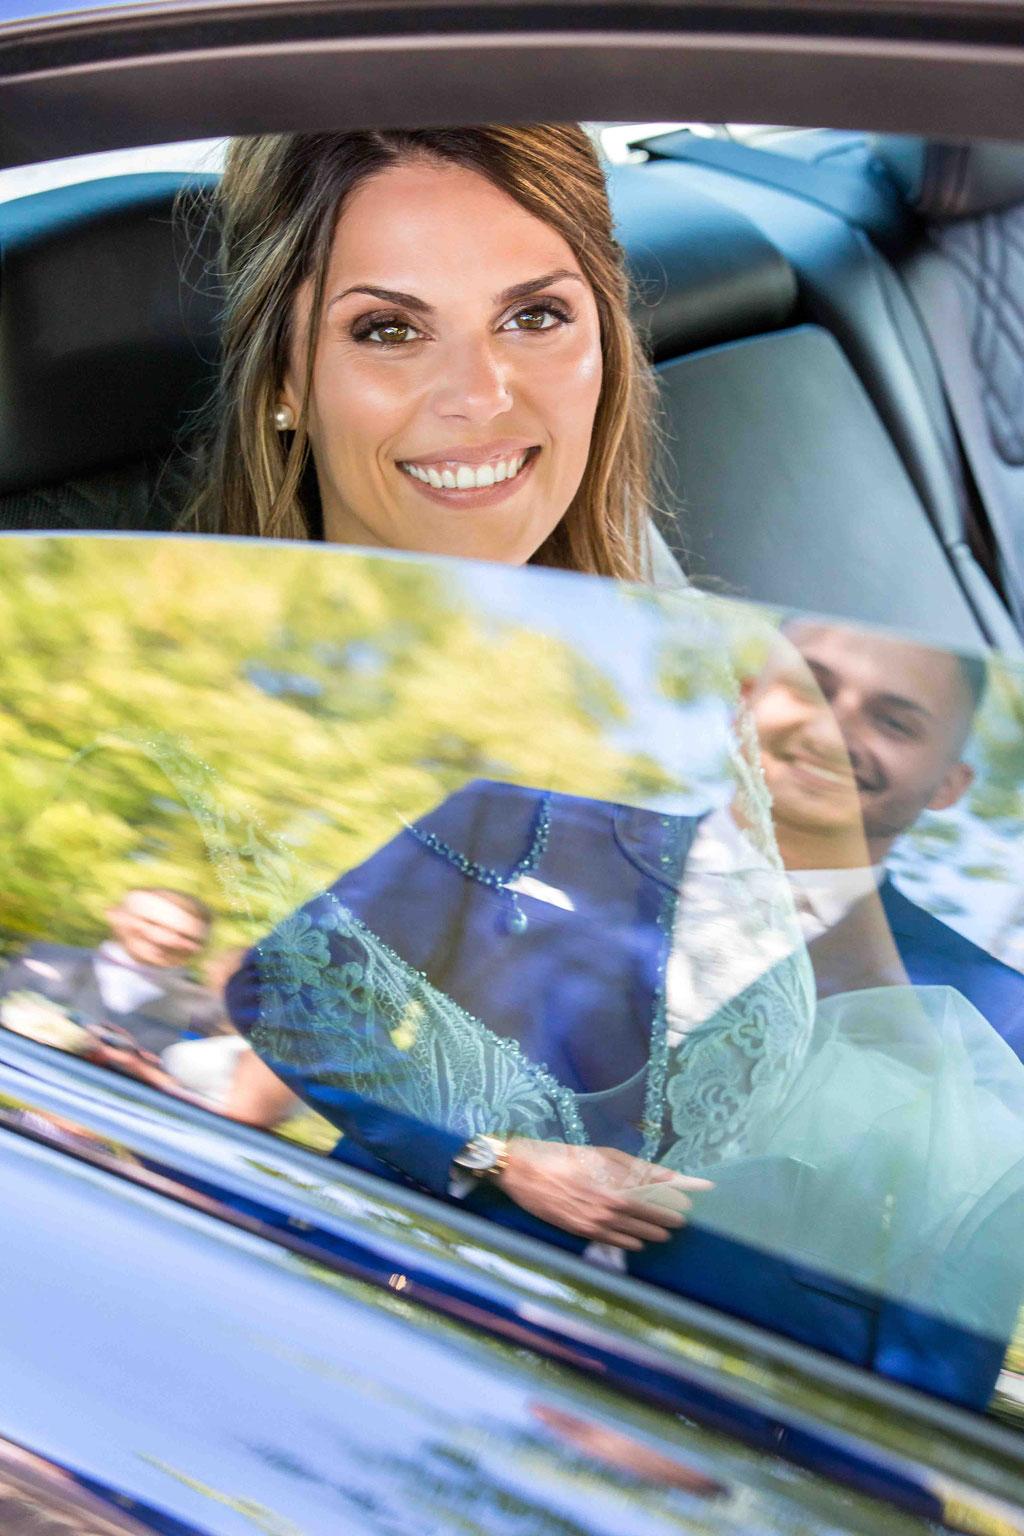 Hochzeit: Weststadtbar Darmstadt, Mainzer Straße 106, 64293 Darmstadt - Hochzeitsfotograf, Hochzeitsfoto von der Braut im Auto, Hochzeitsbild vom Bräutigam in der Spiegelung, Hochzeitsauto Hochzeitsfotografien